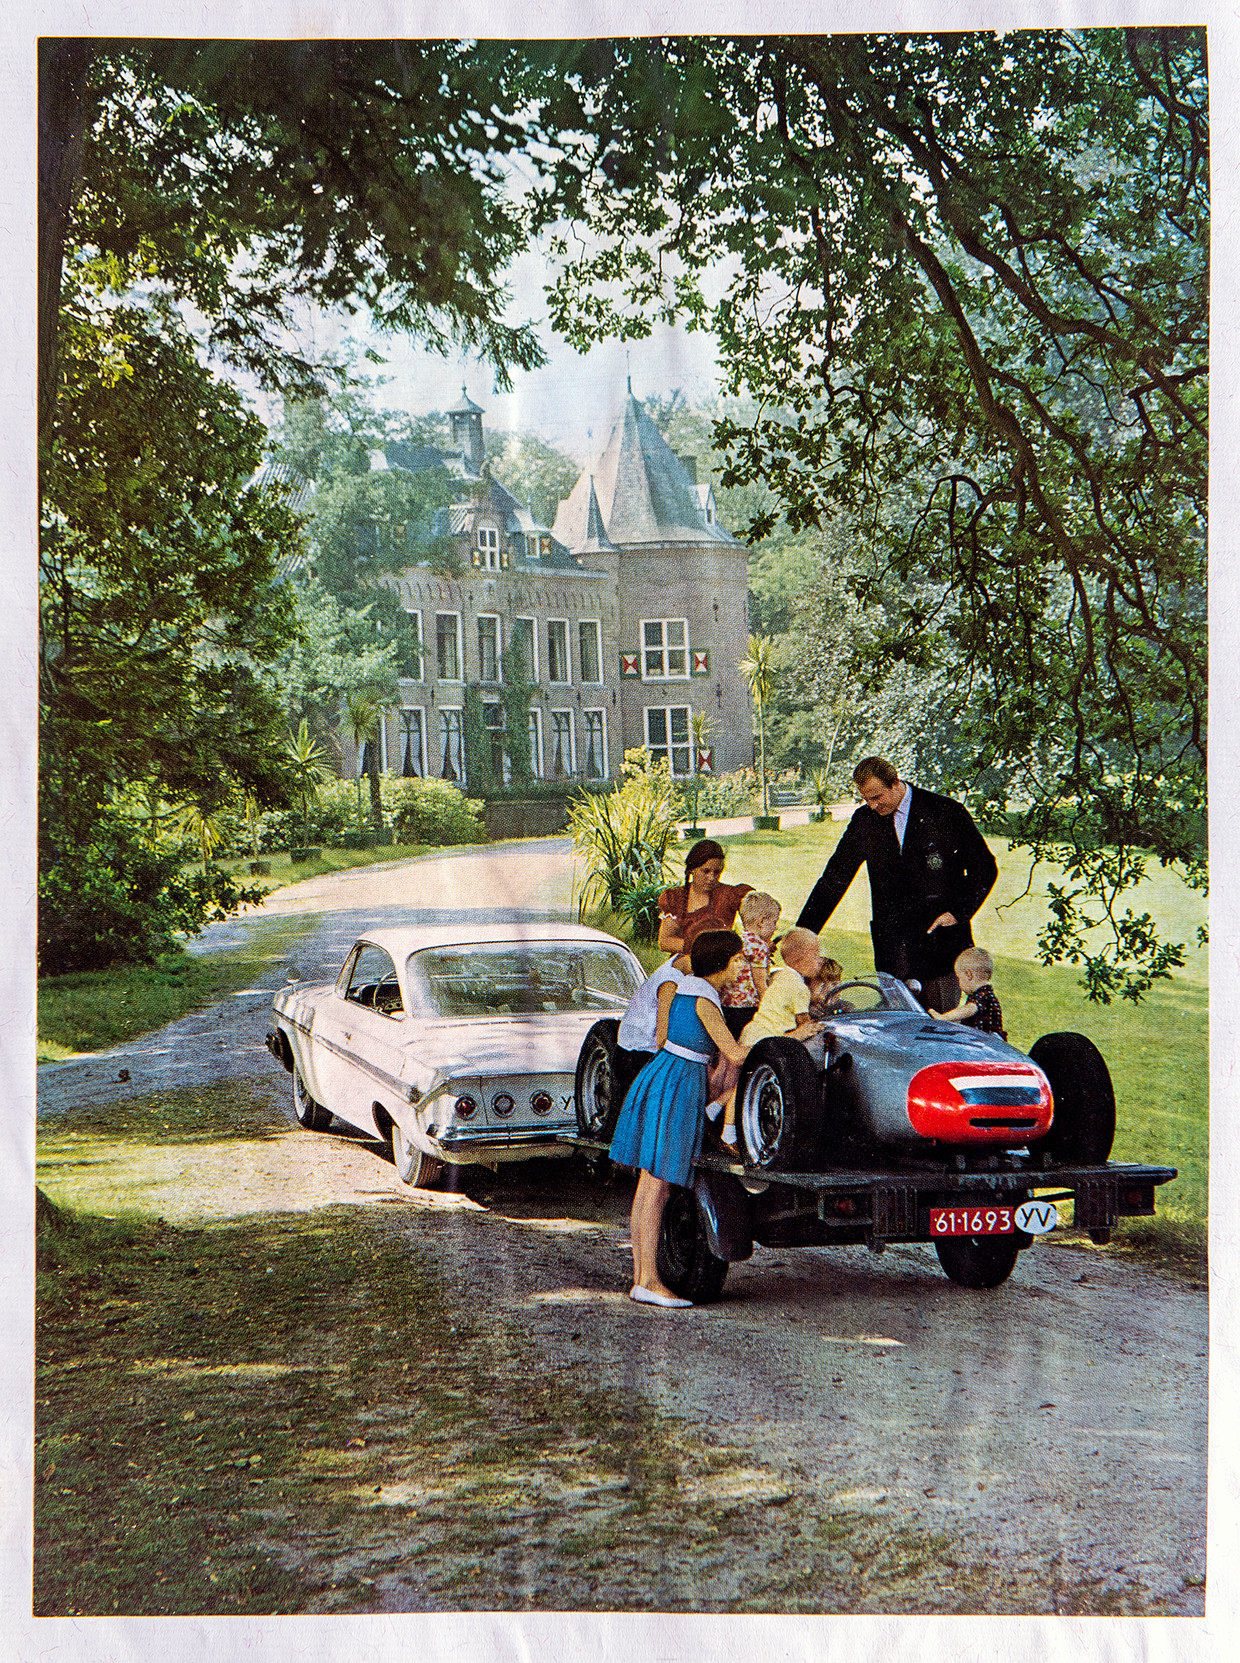 Carel Godin de Beaufort, netjes gekleed voor de Elegance, showt trots een raceauto aan een groep kinderen. Op de achtergrond het kasteel. Beeld Klaas Jan van der Weij